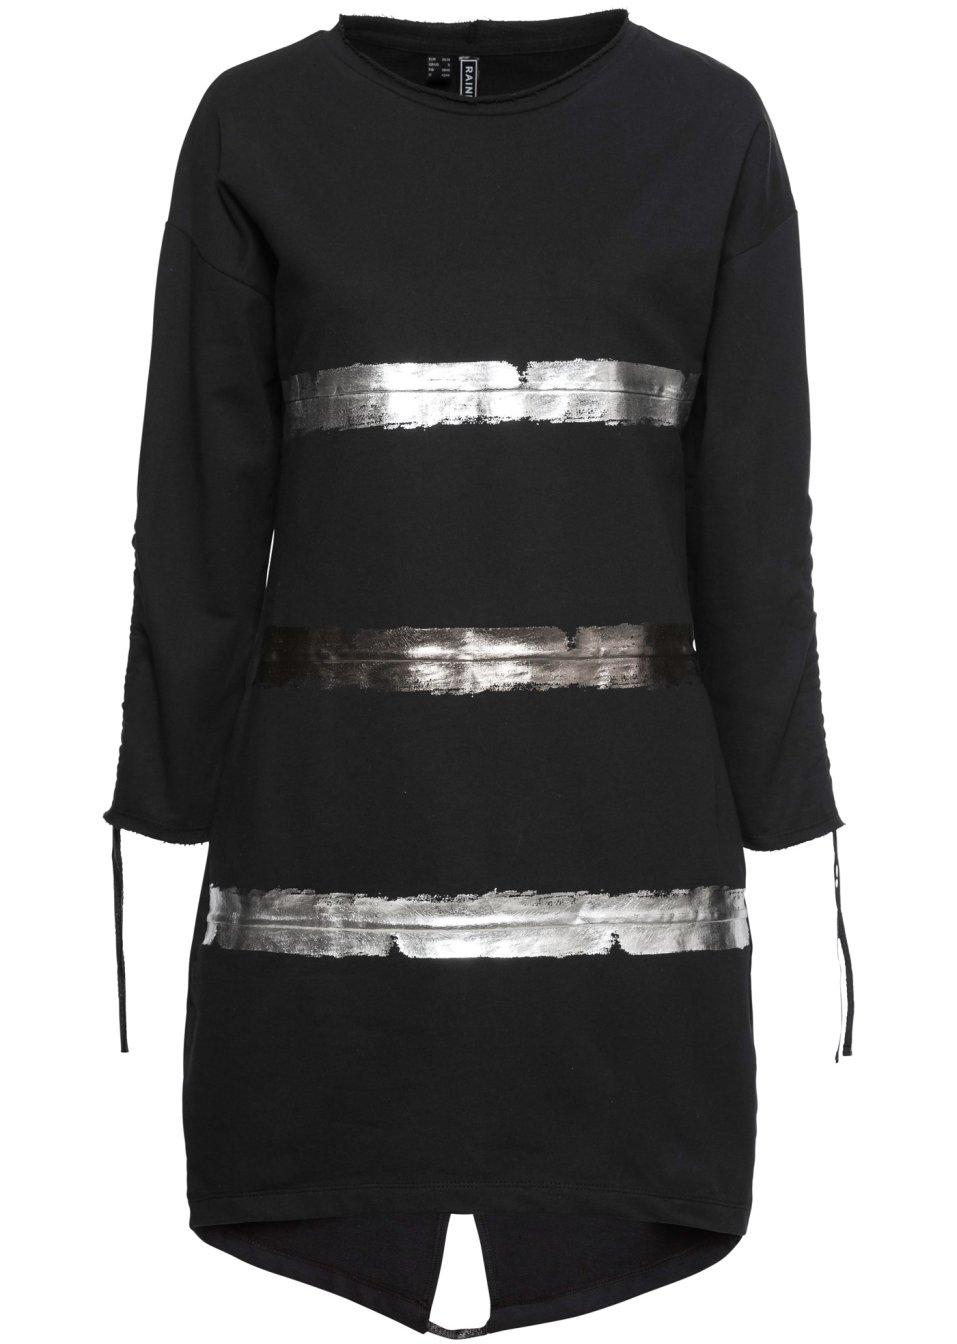 Originelles Sweatkleid mit Metallic-Streifen - schwarz/silber bedruckt amiWu nY8LX